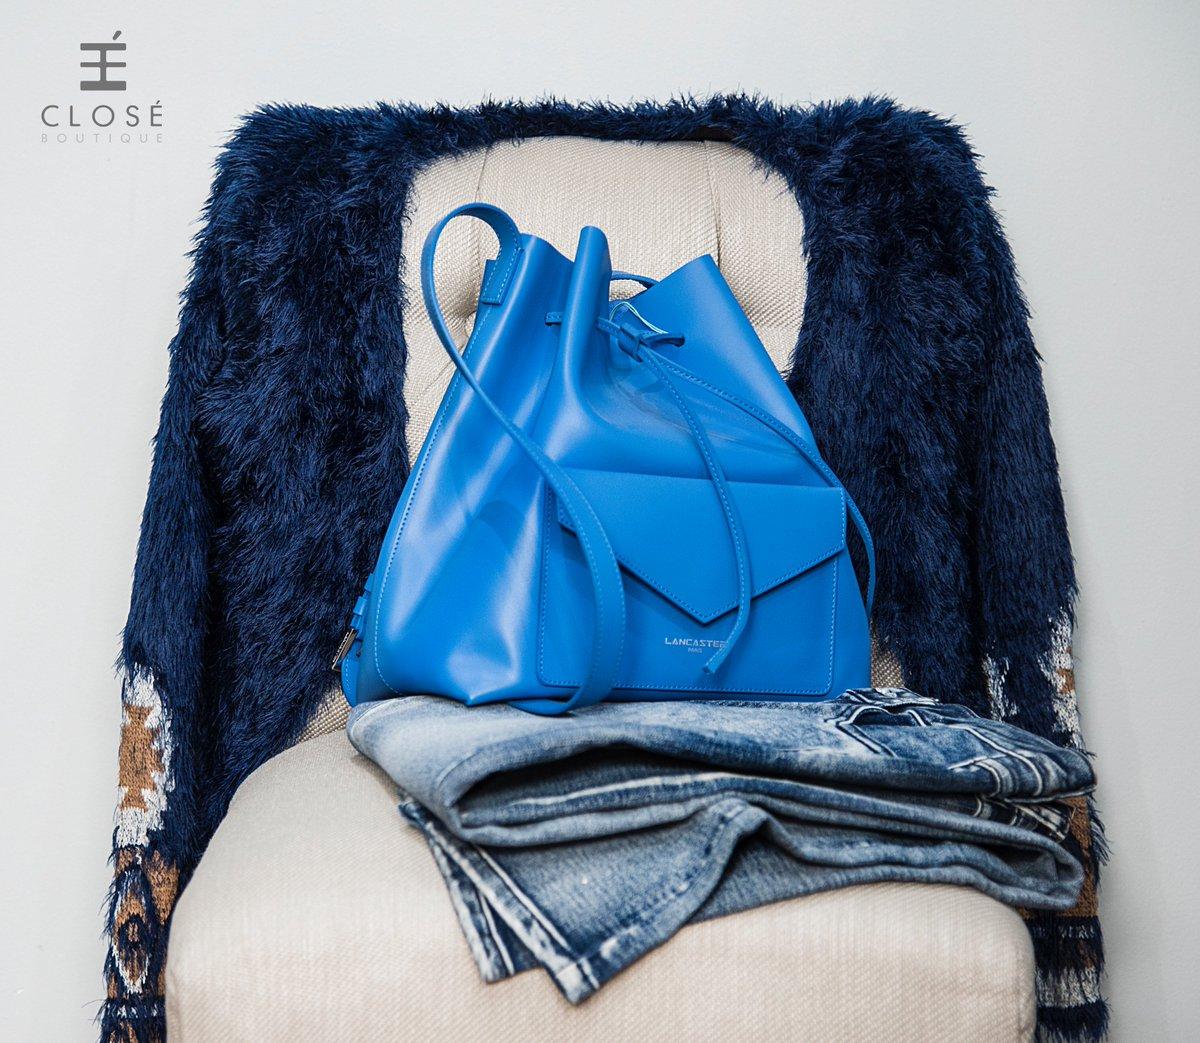 El #outfit perfecto para ti te está esperando. Descubre y arma tu estilo Closé. #SeeNowBuyNow #DressInStyle https://t.co/HIJQwAS7G9